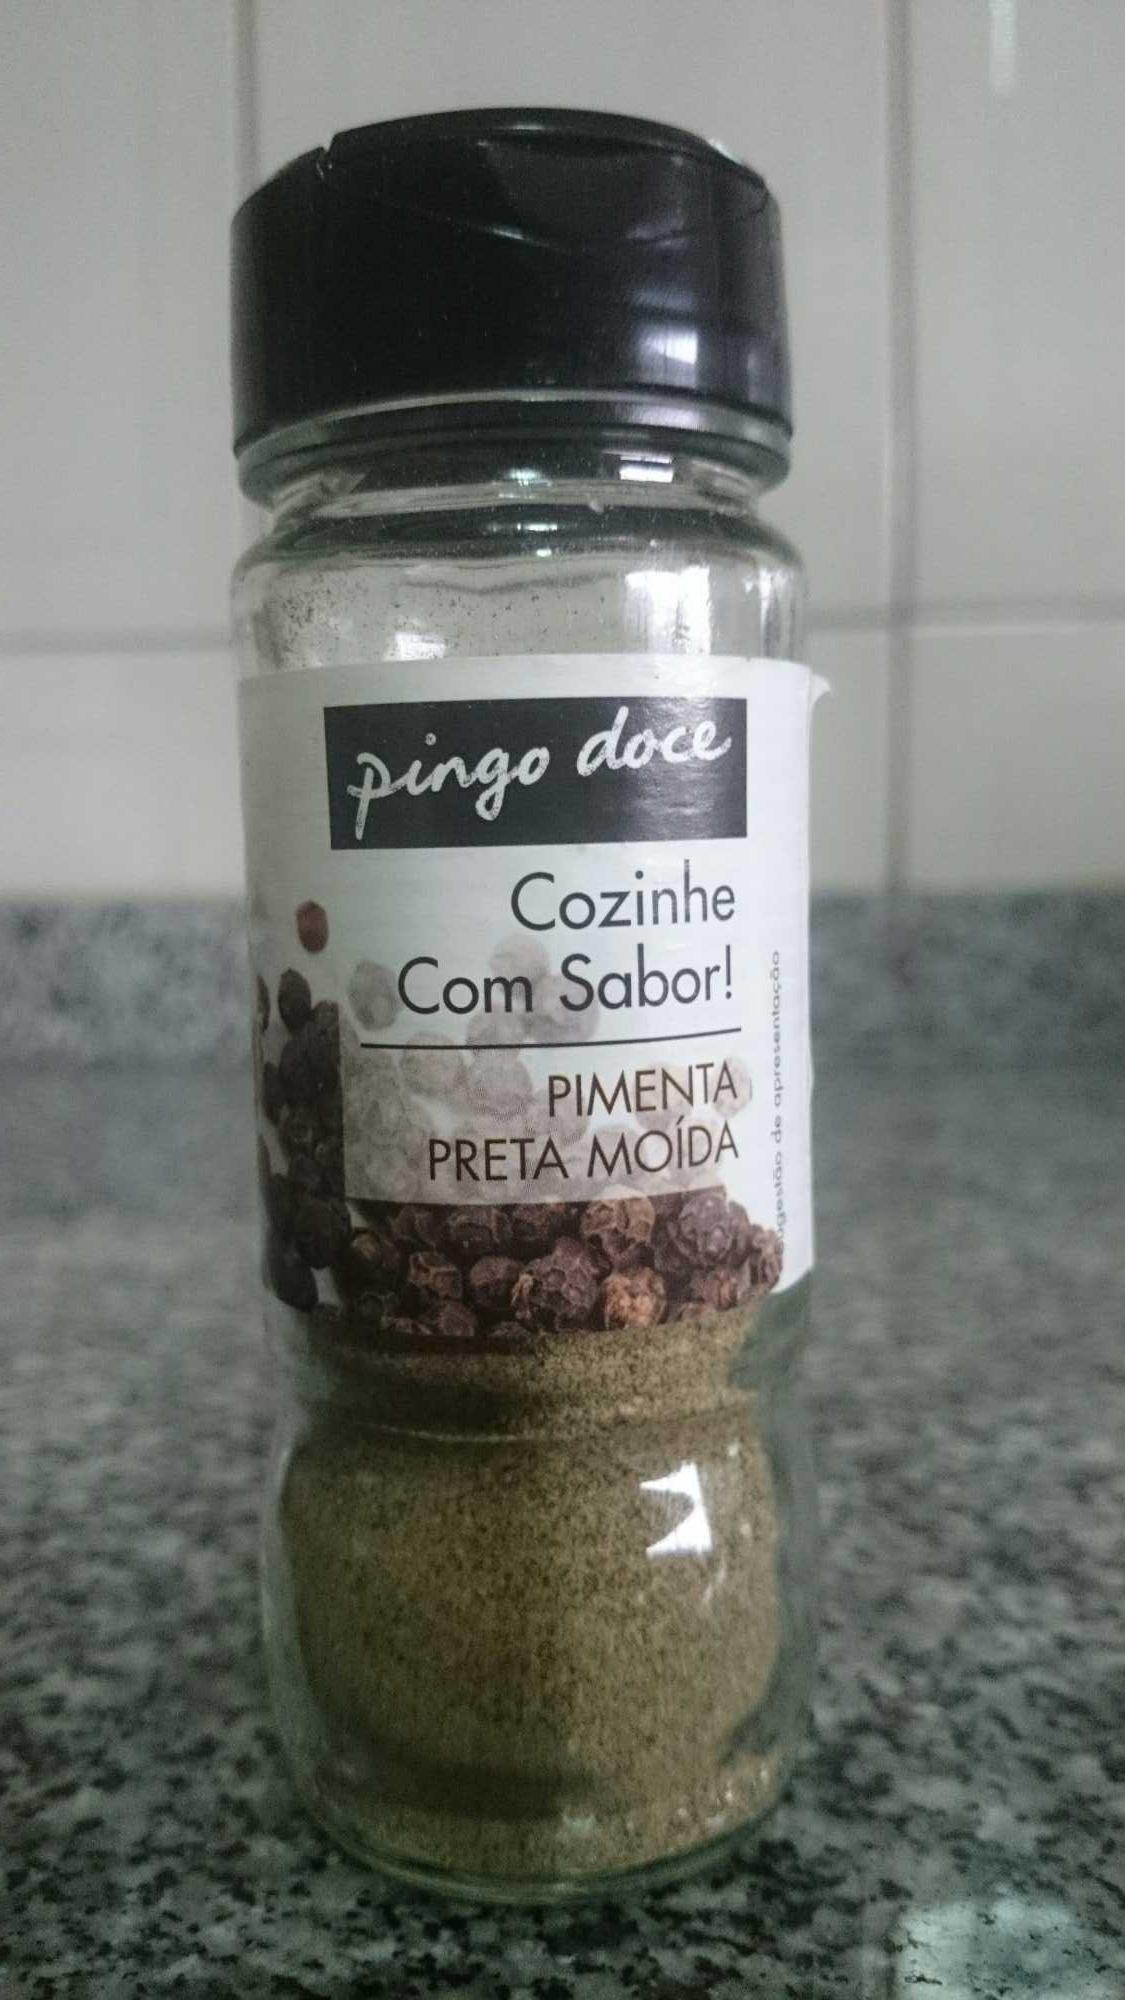 Pimenta preta moída - Product - pt